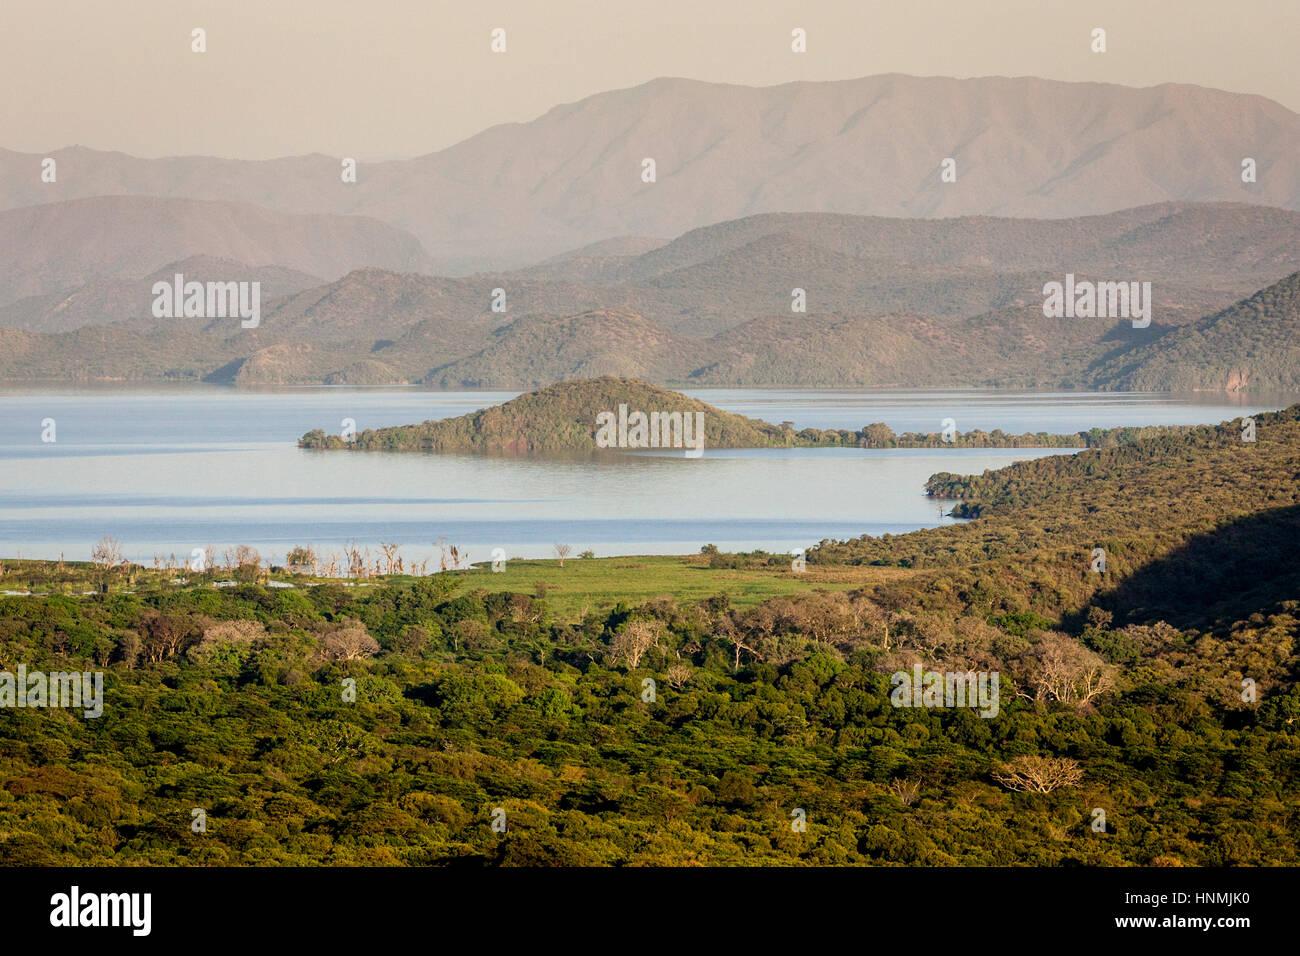 Lake Abaya, Nechisar National Park, Arba Minch, Ethiopia Stock Photo